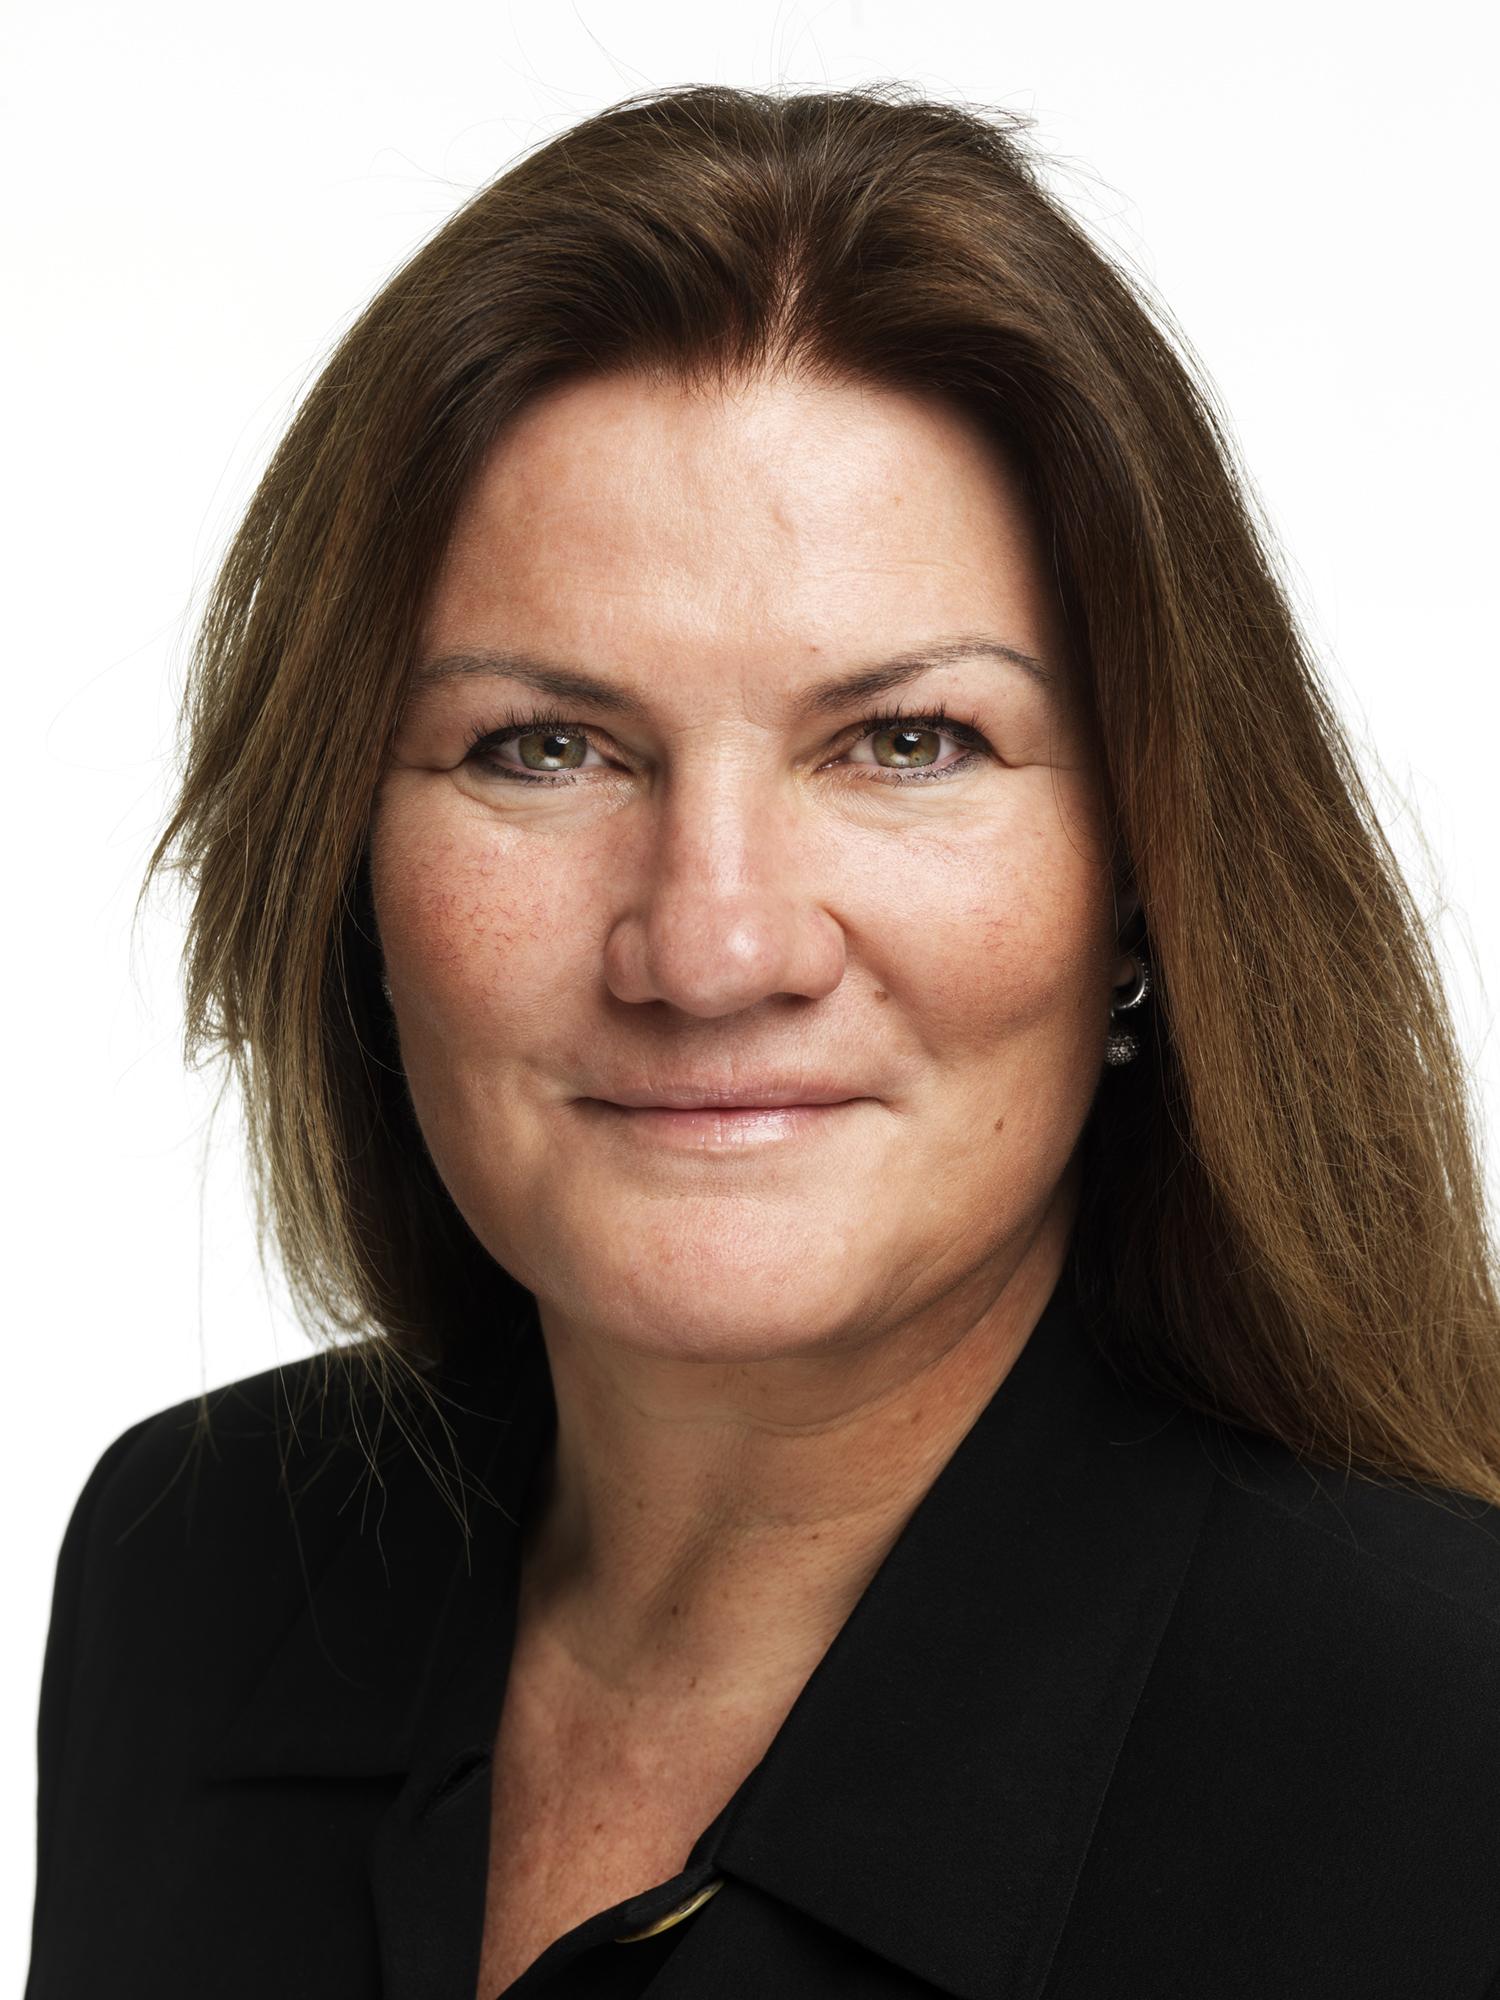 Profilbilde Liv Welde Johansen, direktør i NAV Hjelpemidler og tilrettelegging